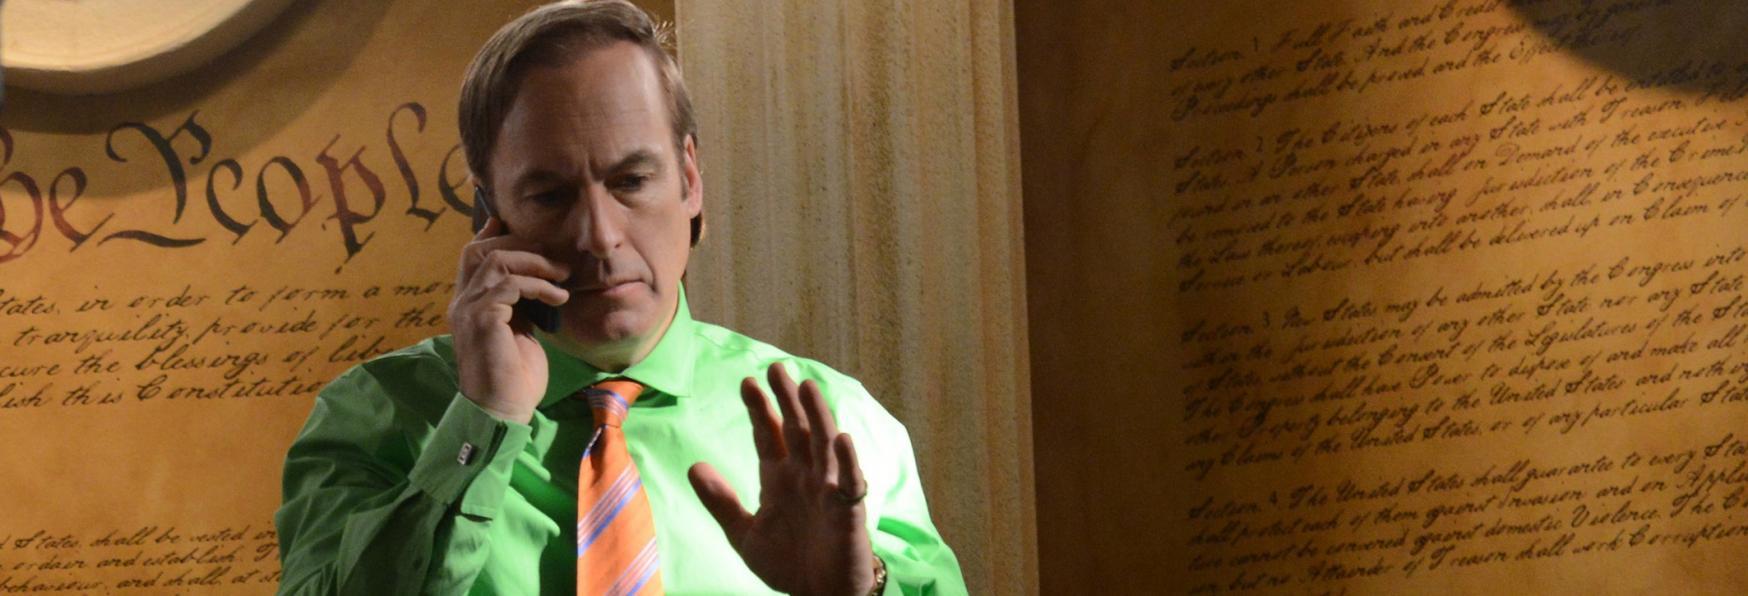 Better Call Saul 5: Saul Goodman nel nuovo Teaser della Serie TV